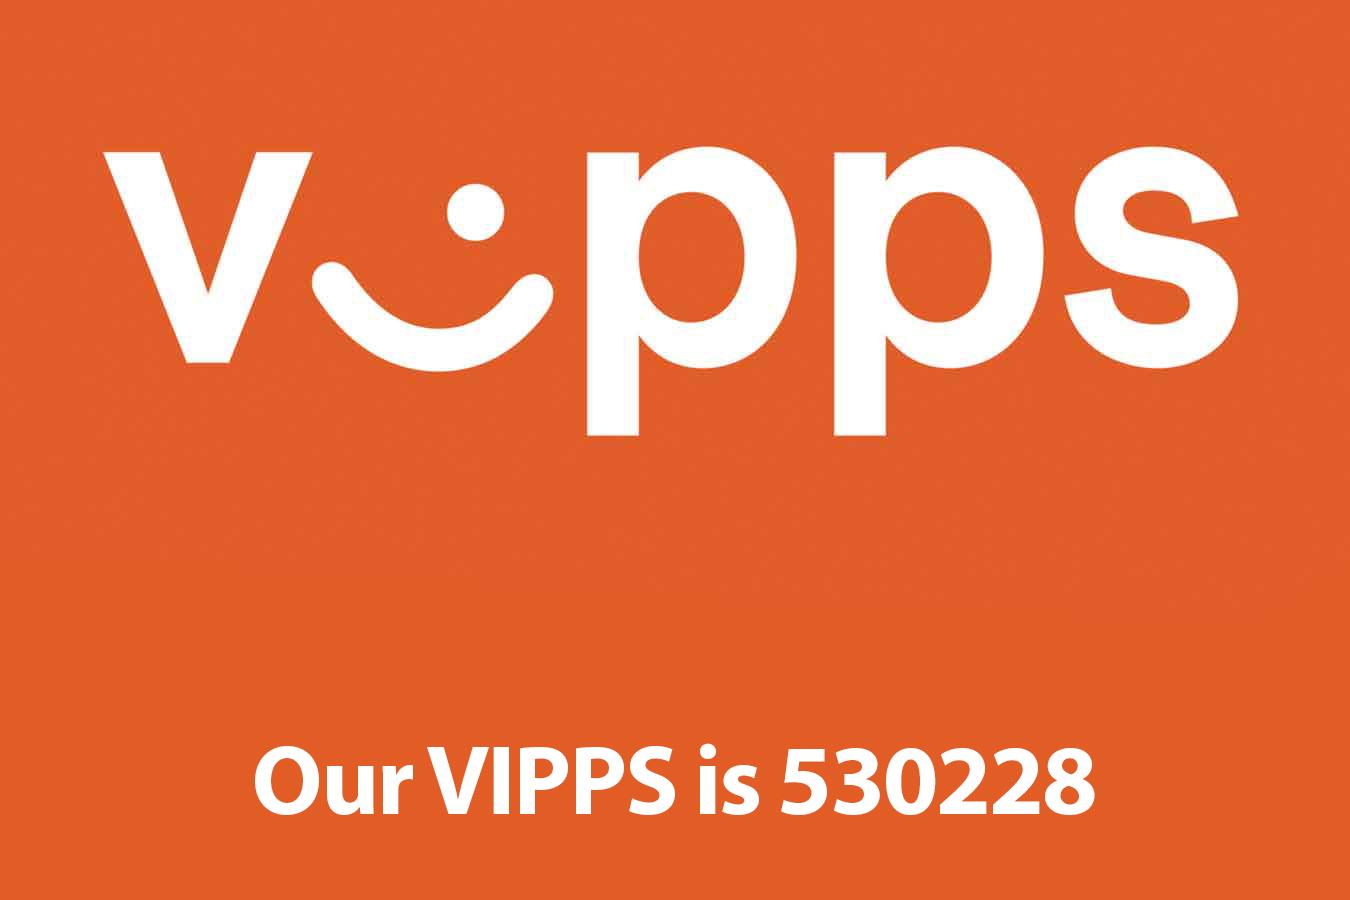 Vipps-eng.jpg